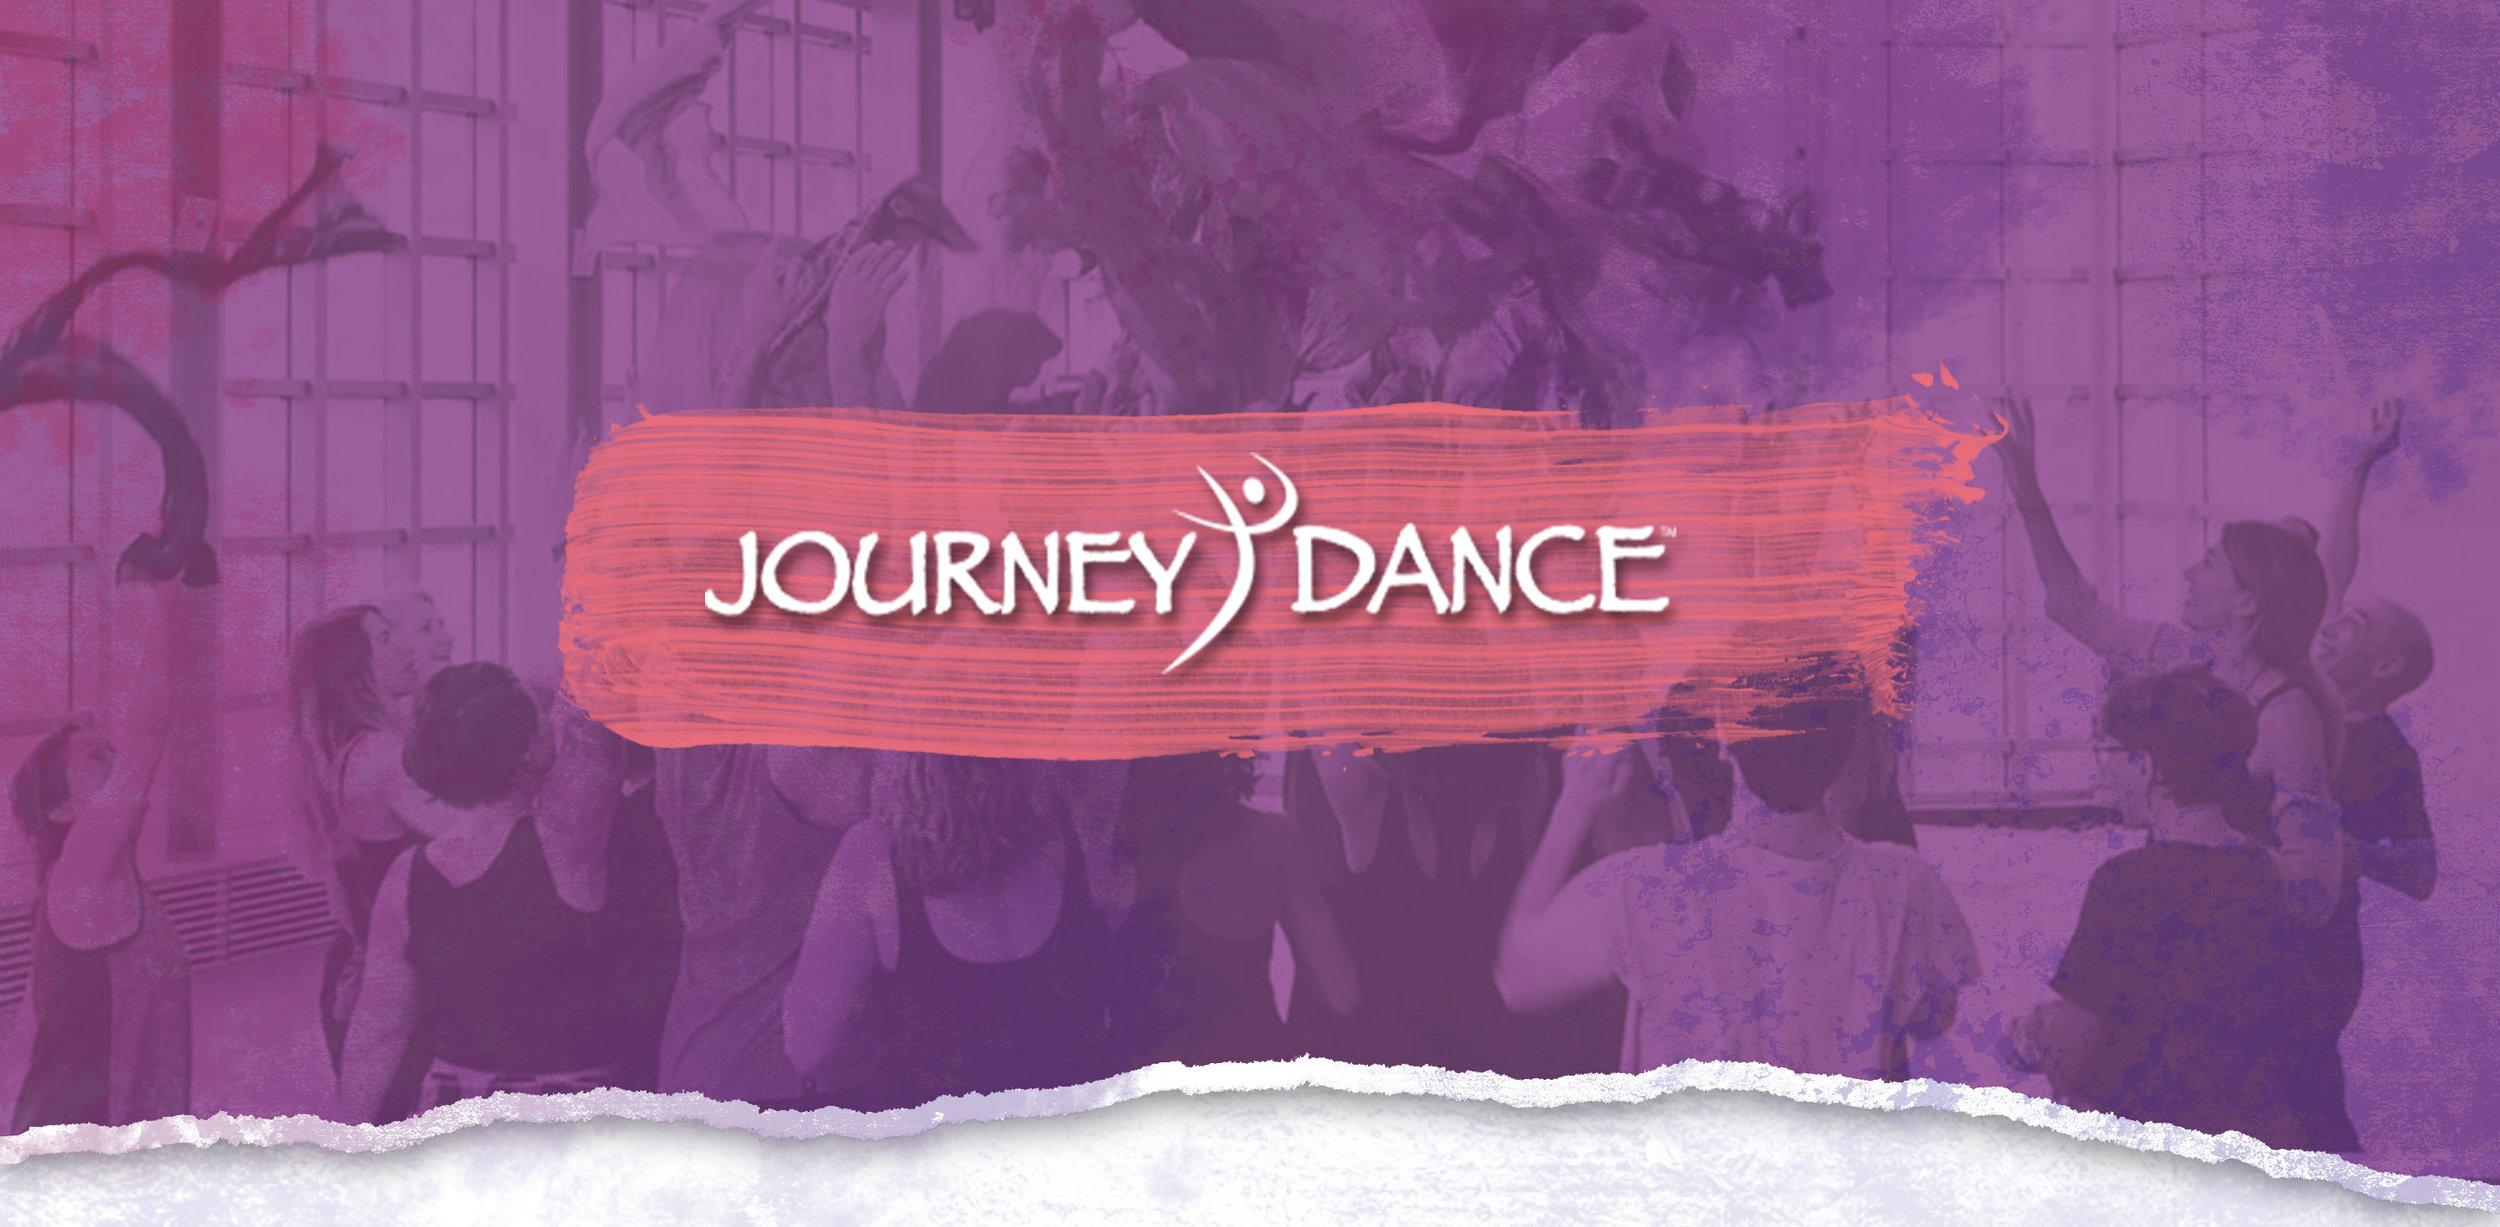 JourneyDance.jpg